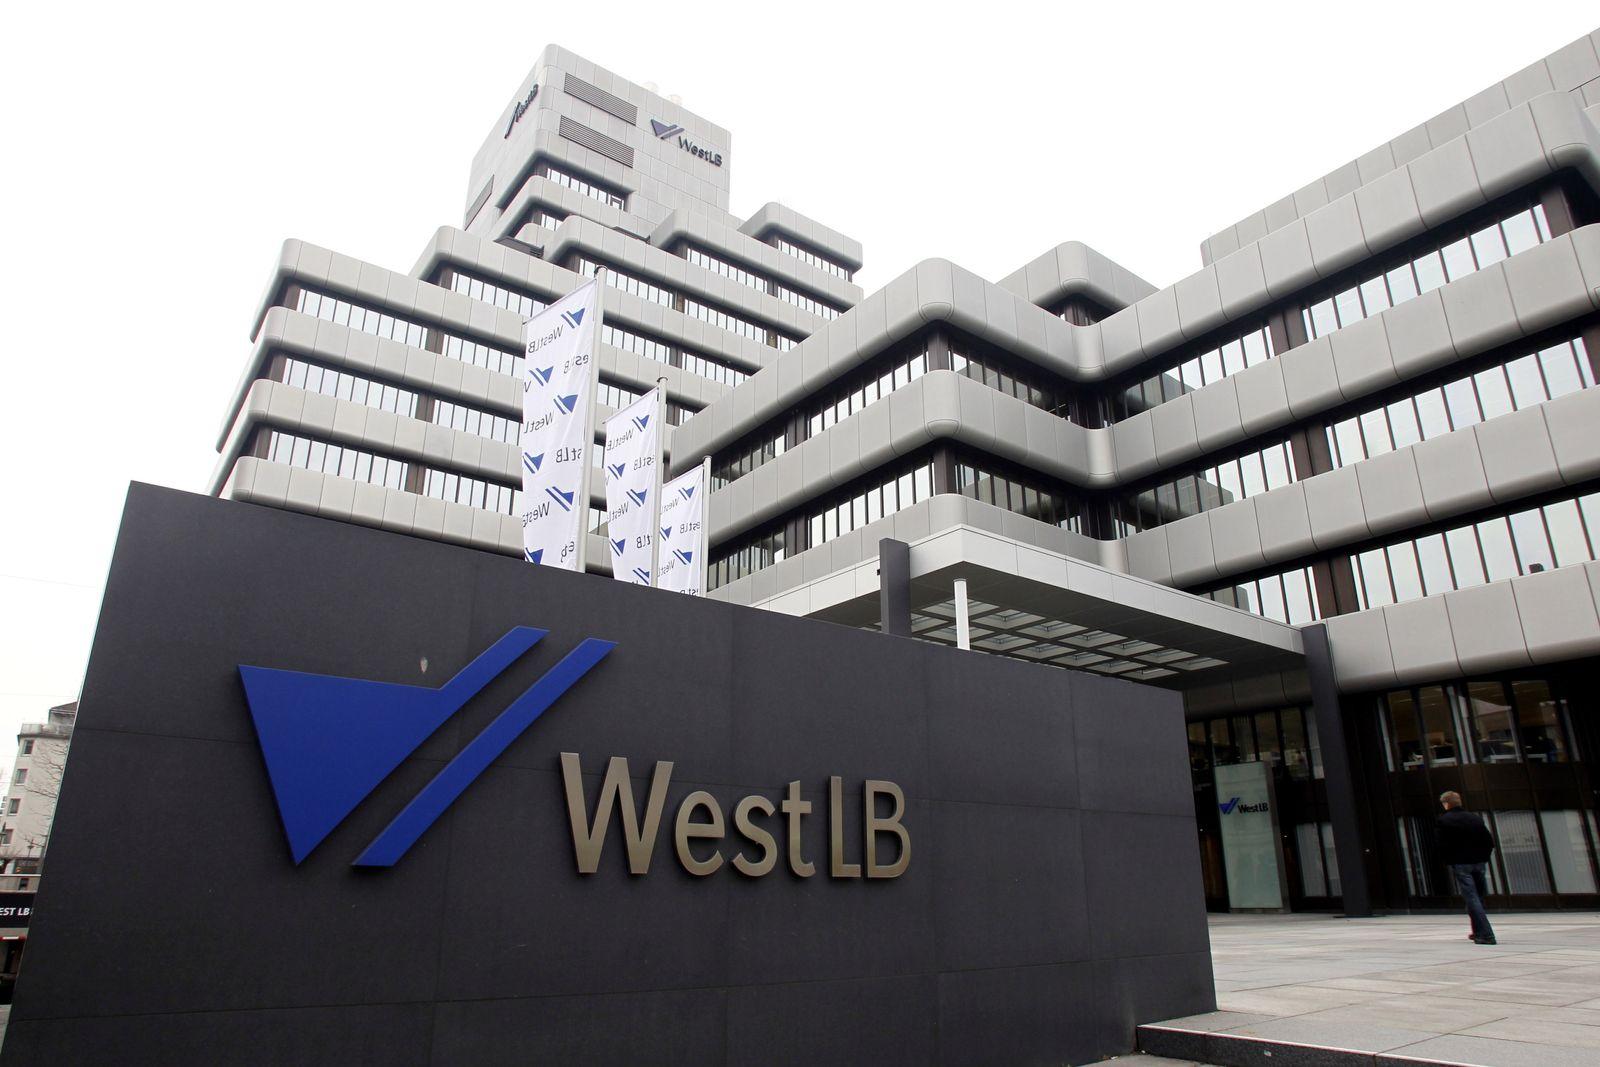 NICHT VERWENDEN 10WestLB Zentrale in Düsseldorf